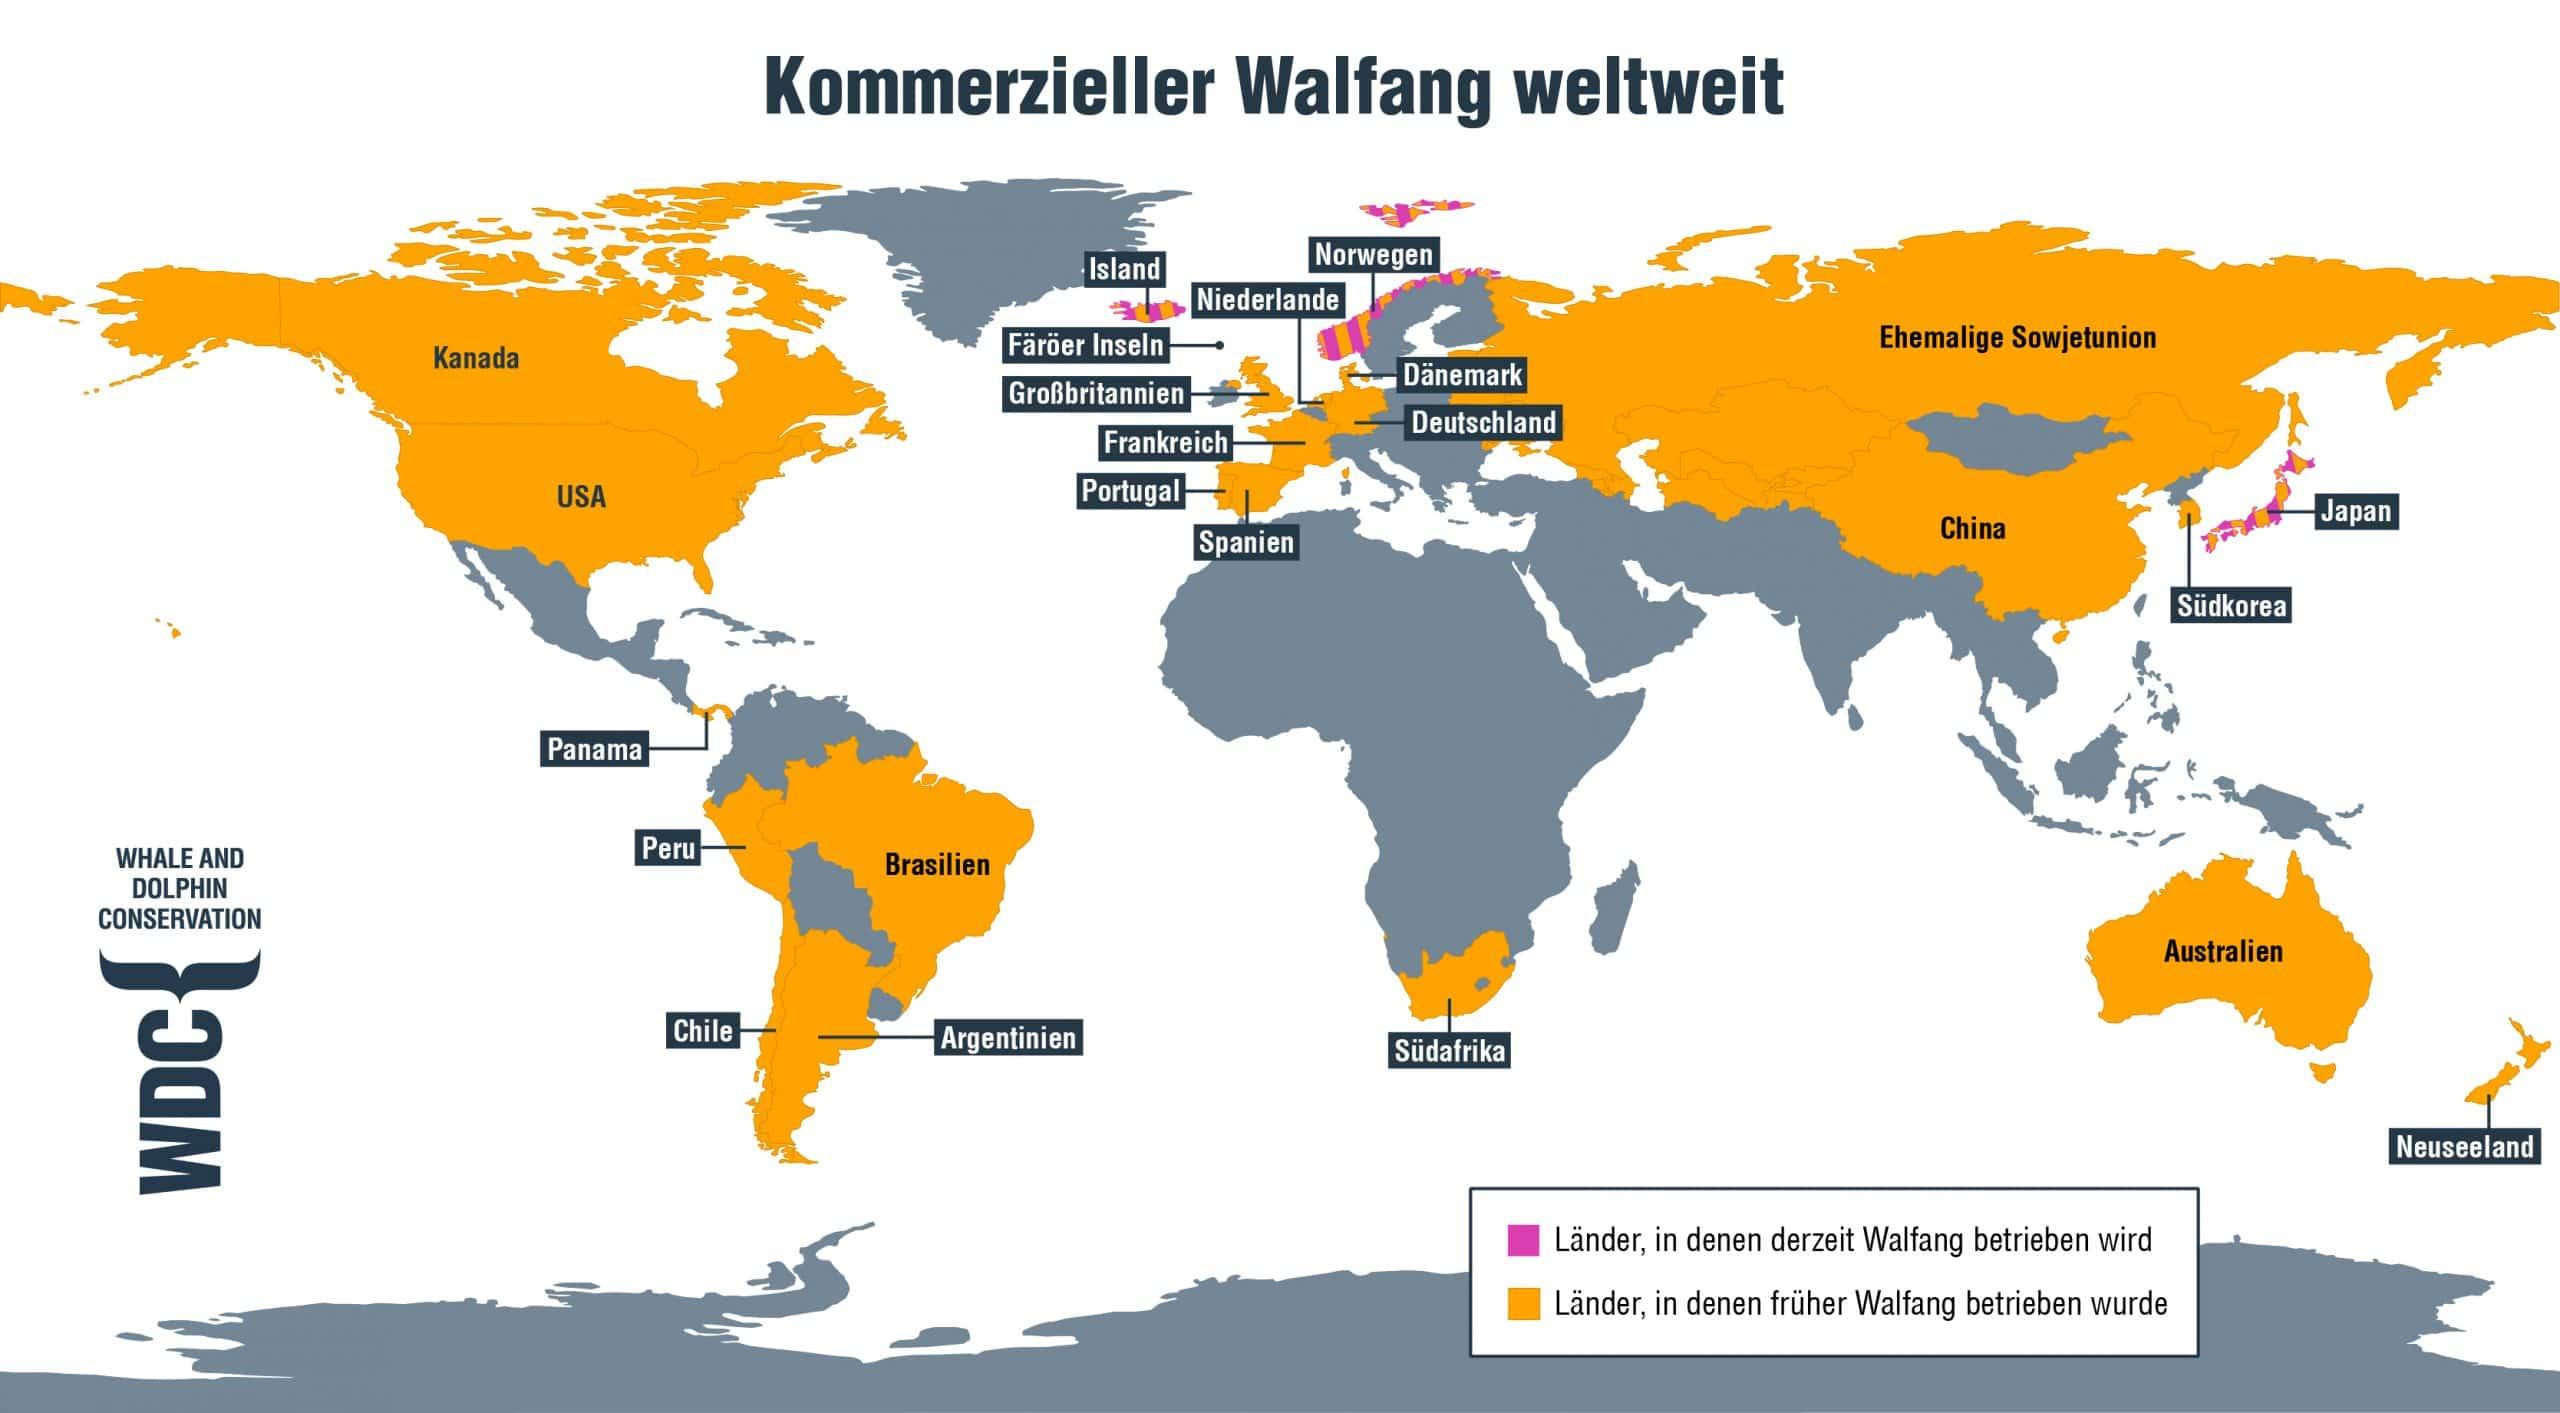 C_WDC_Weltkarte-Walfang